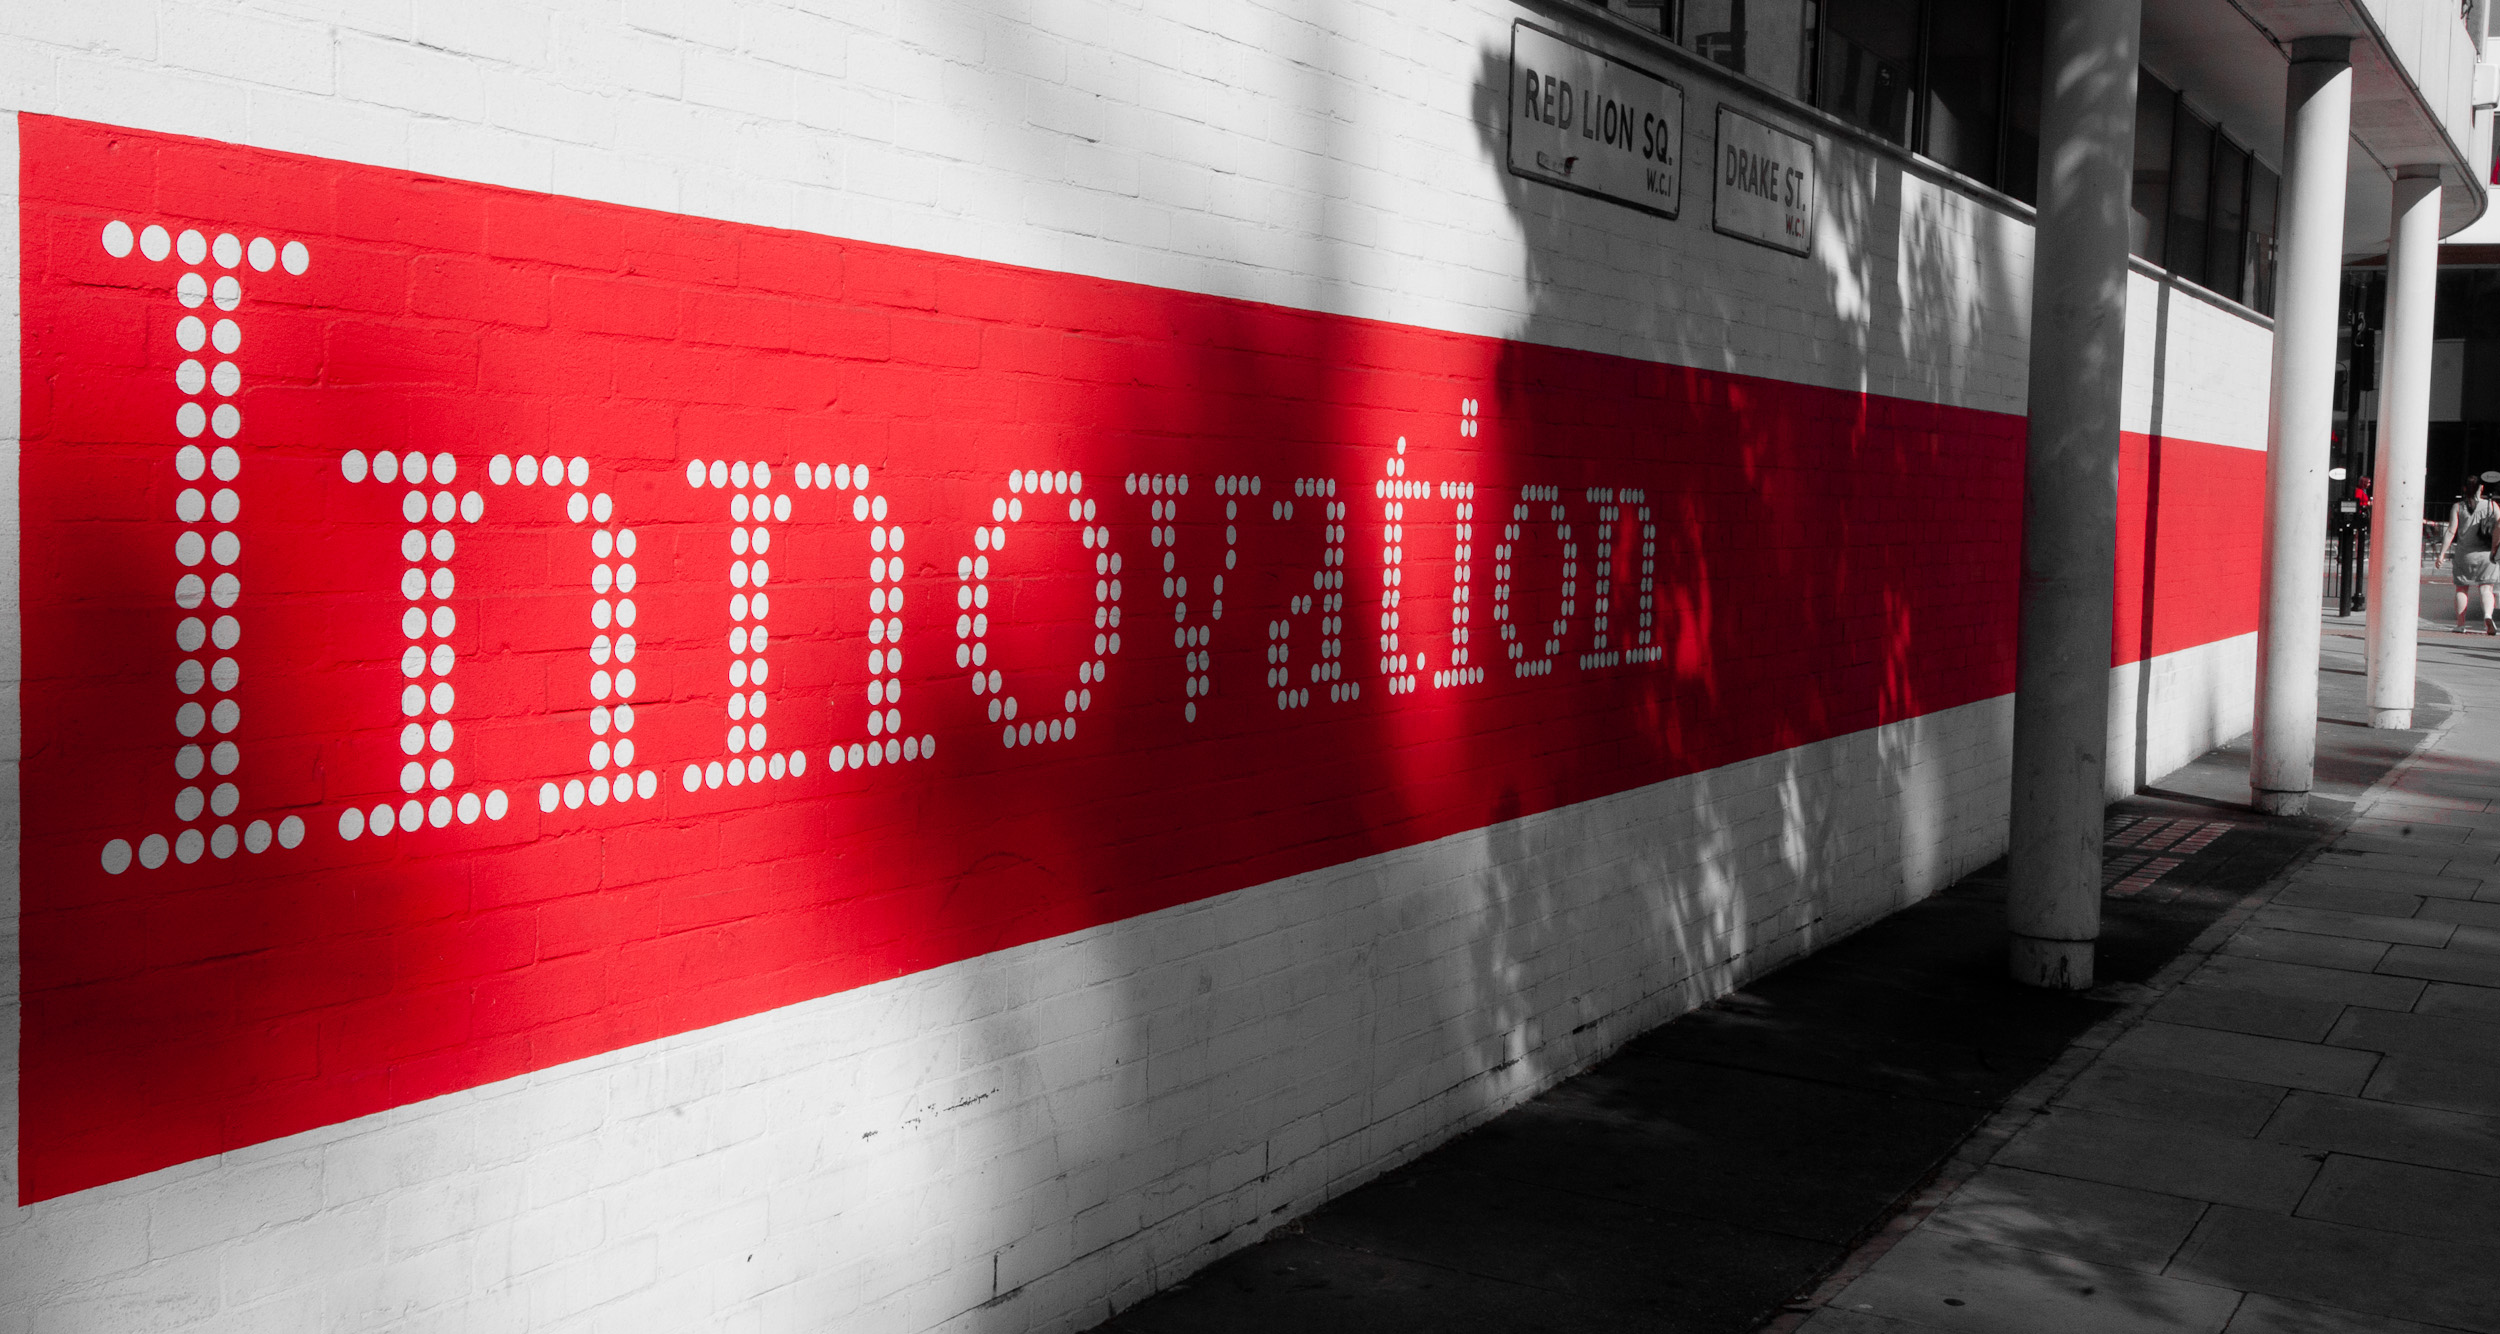 Girişimci ve Yenilikçi Üniversite Endeksi 2016 Açıklandı!